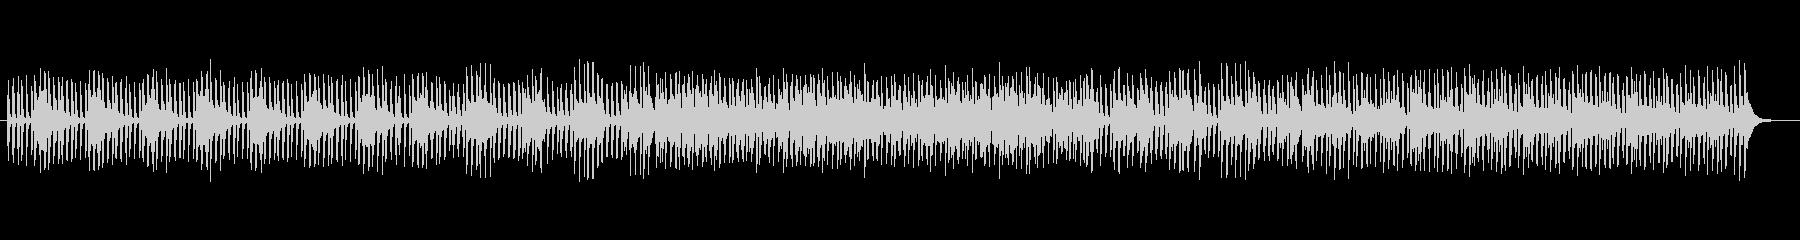 クールなテクノミュージックの未再生の波形